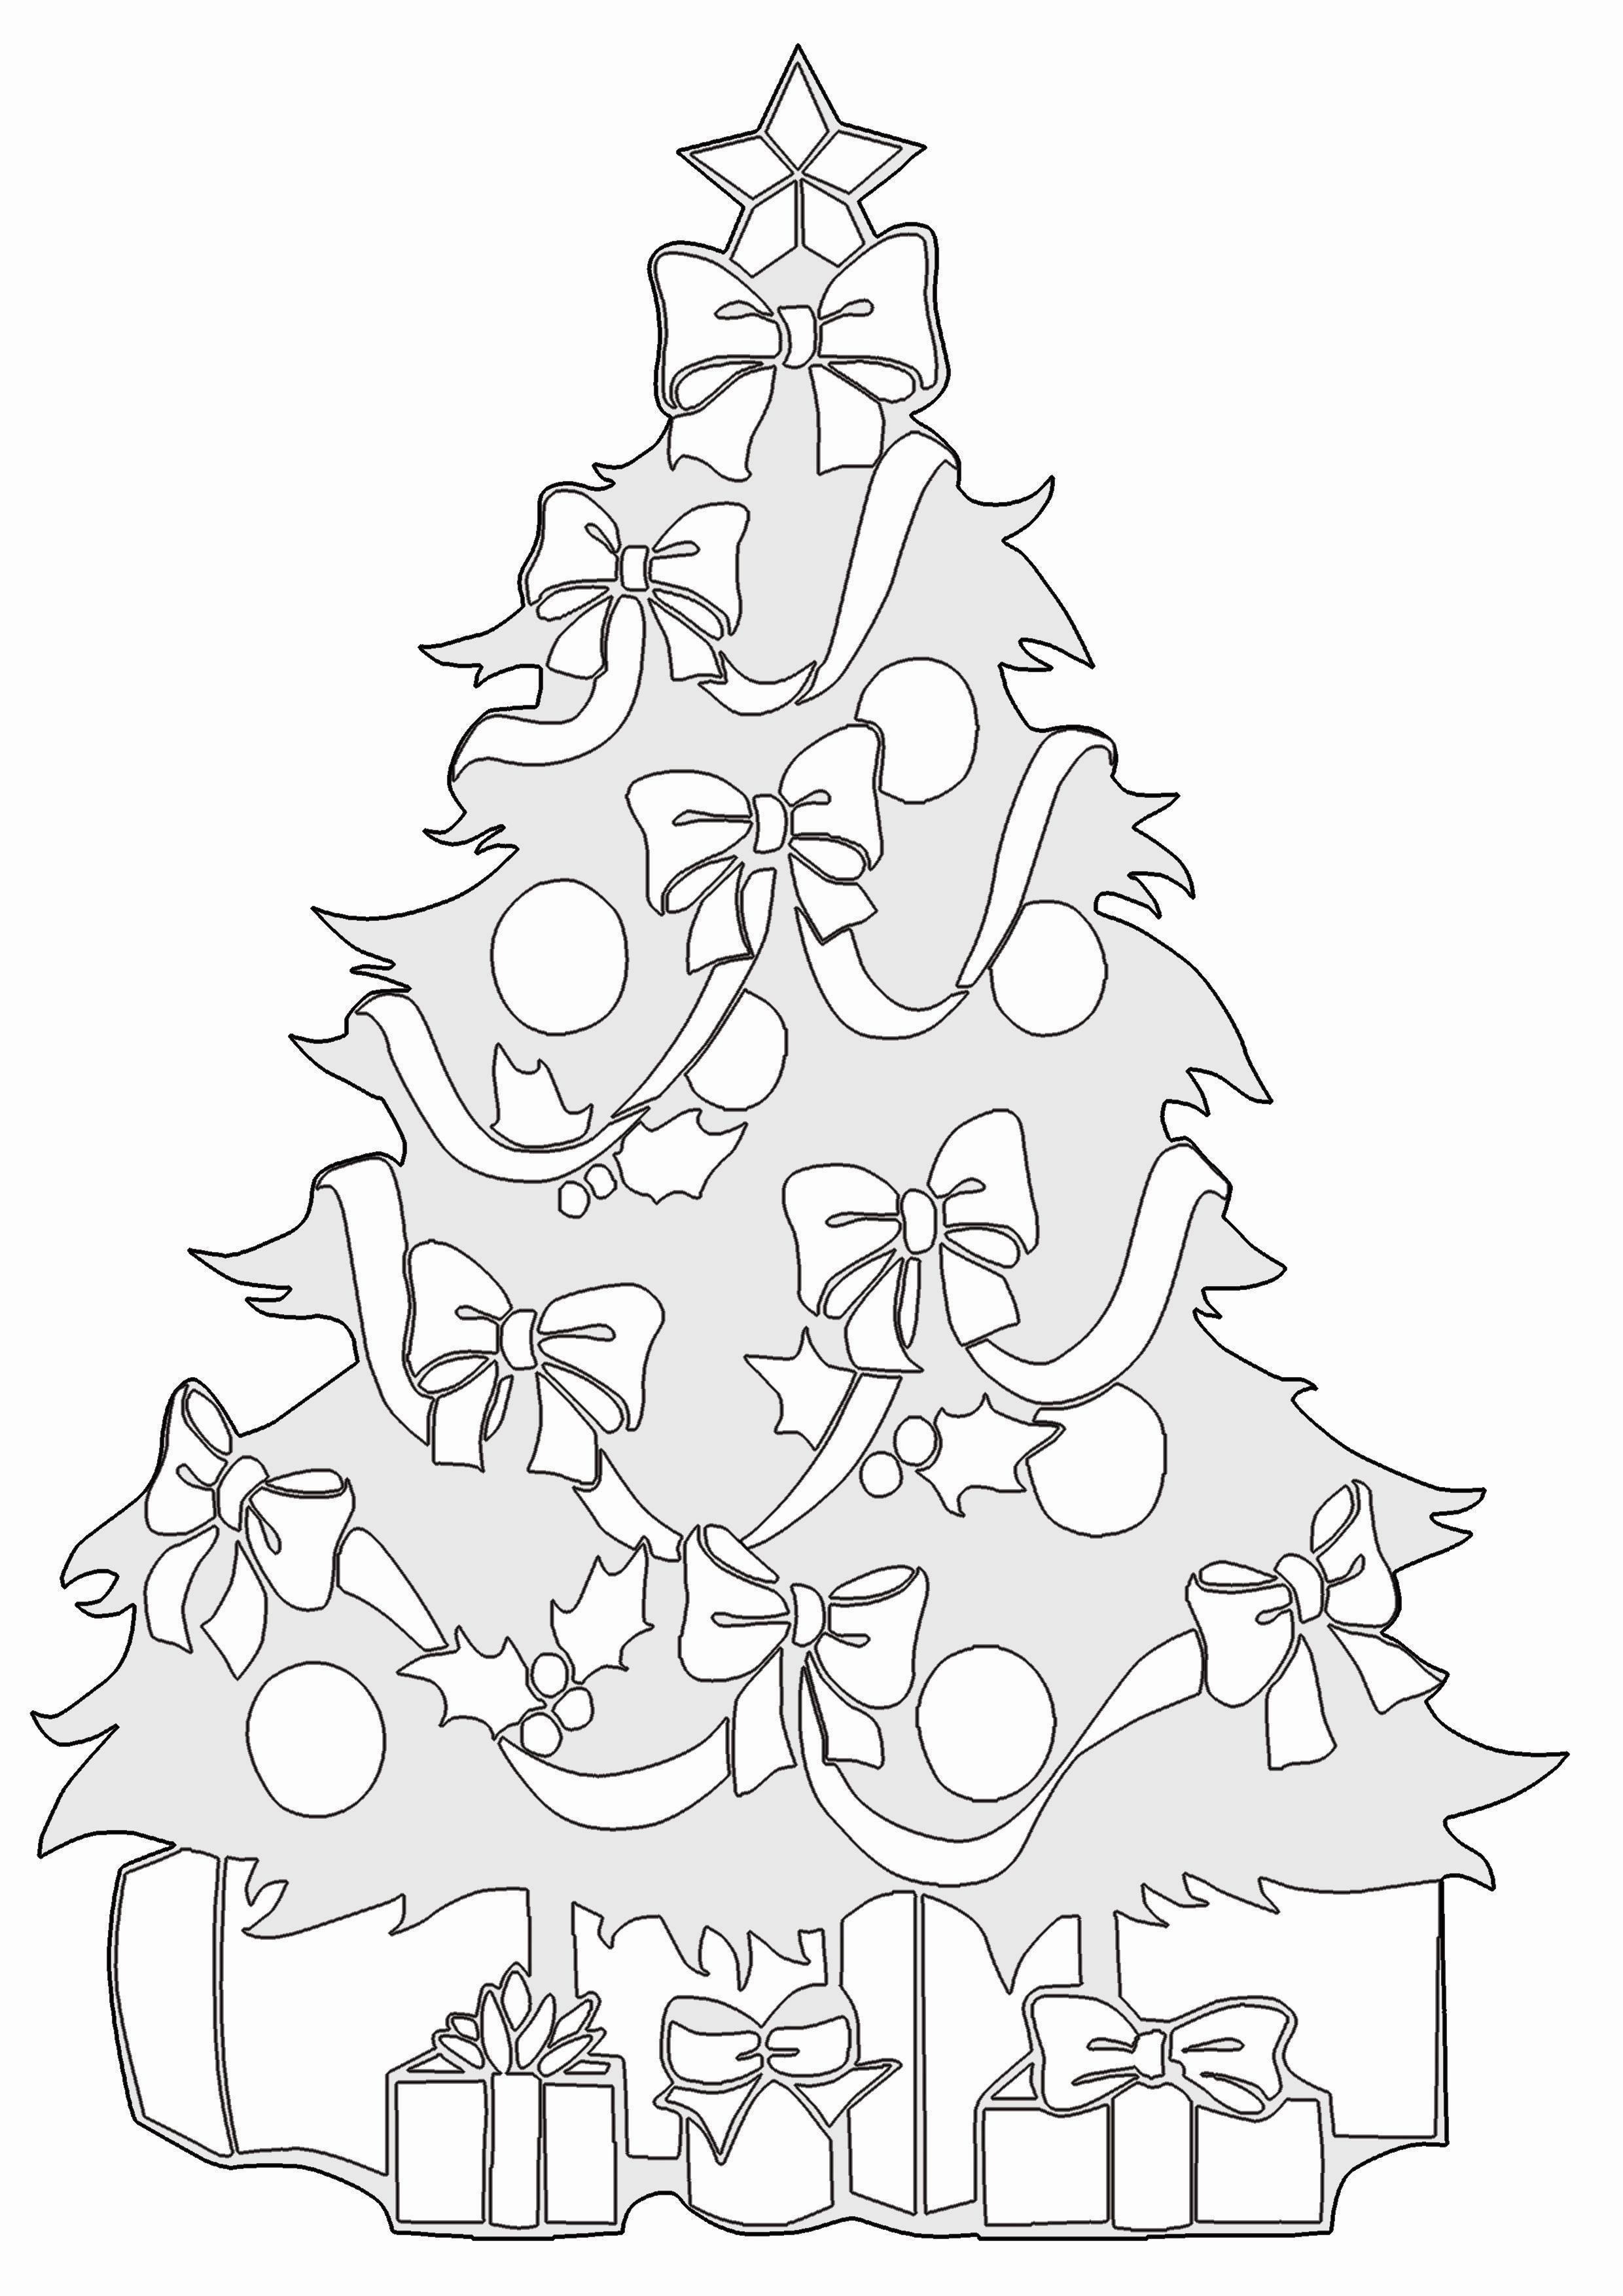 malvorlagen weihnachten weihnachtsbaum – Ausmalbilder für ...